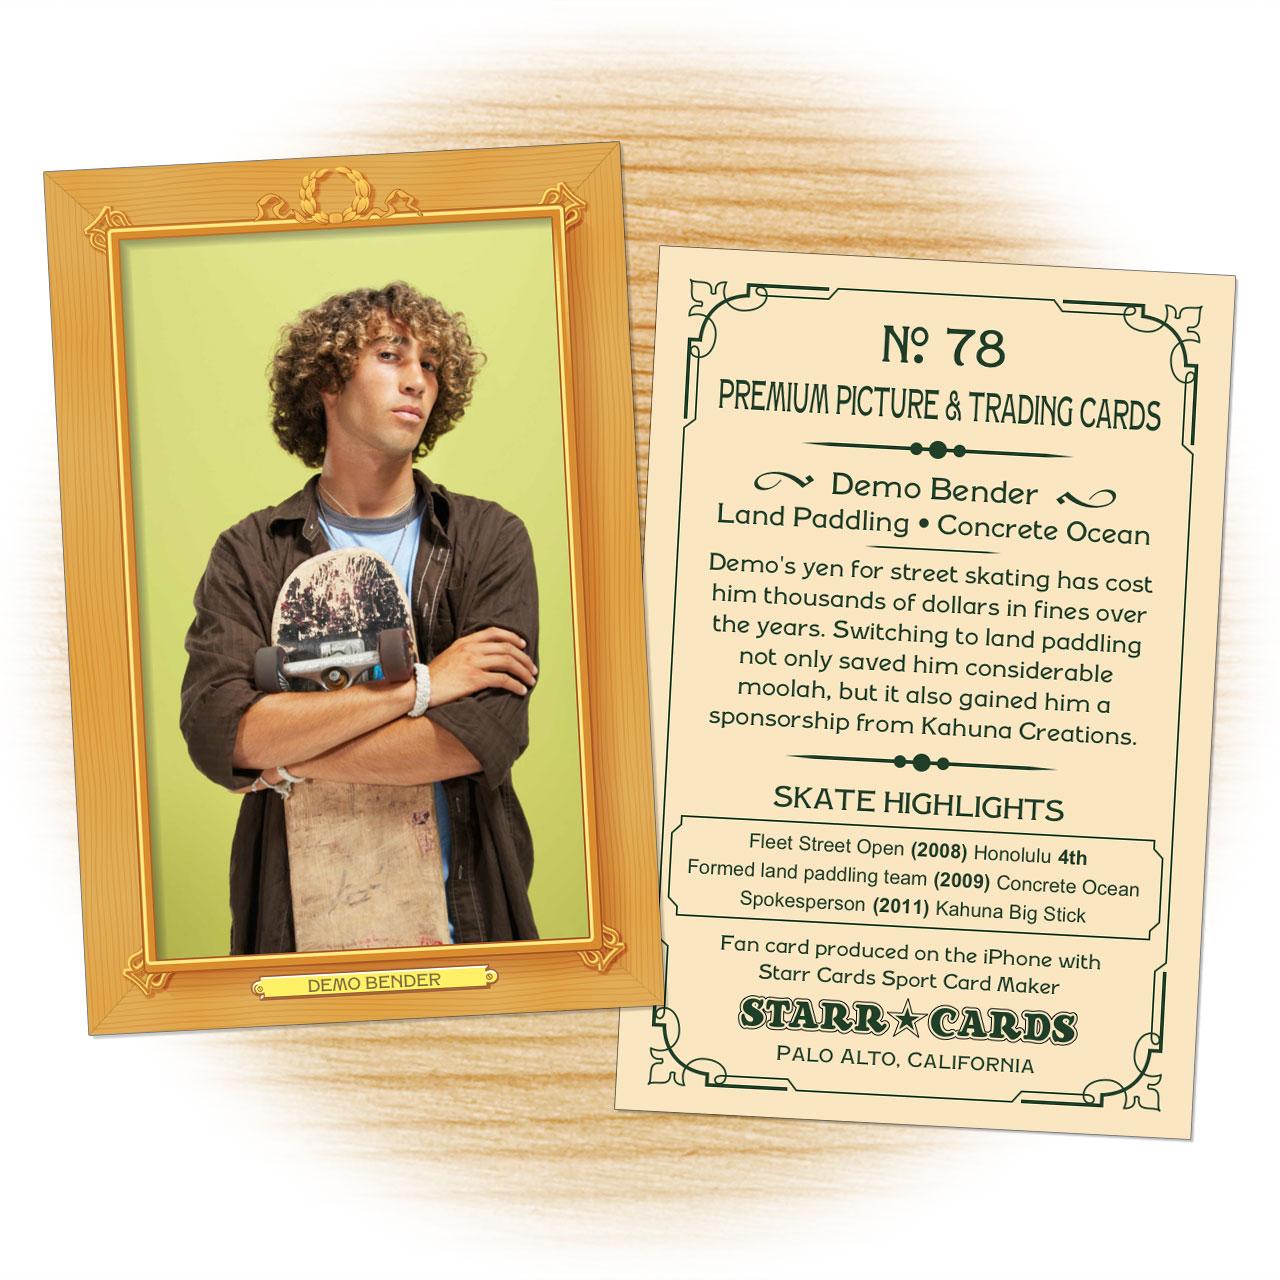 Skater card template from Starr Cards Skateboarding Card Maker.